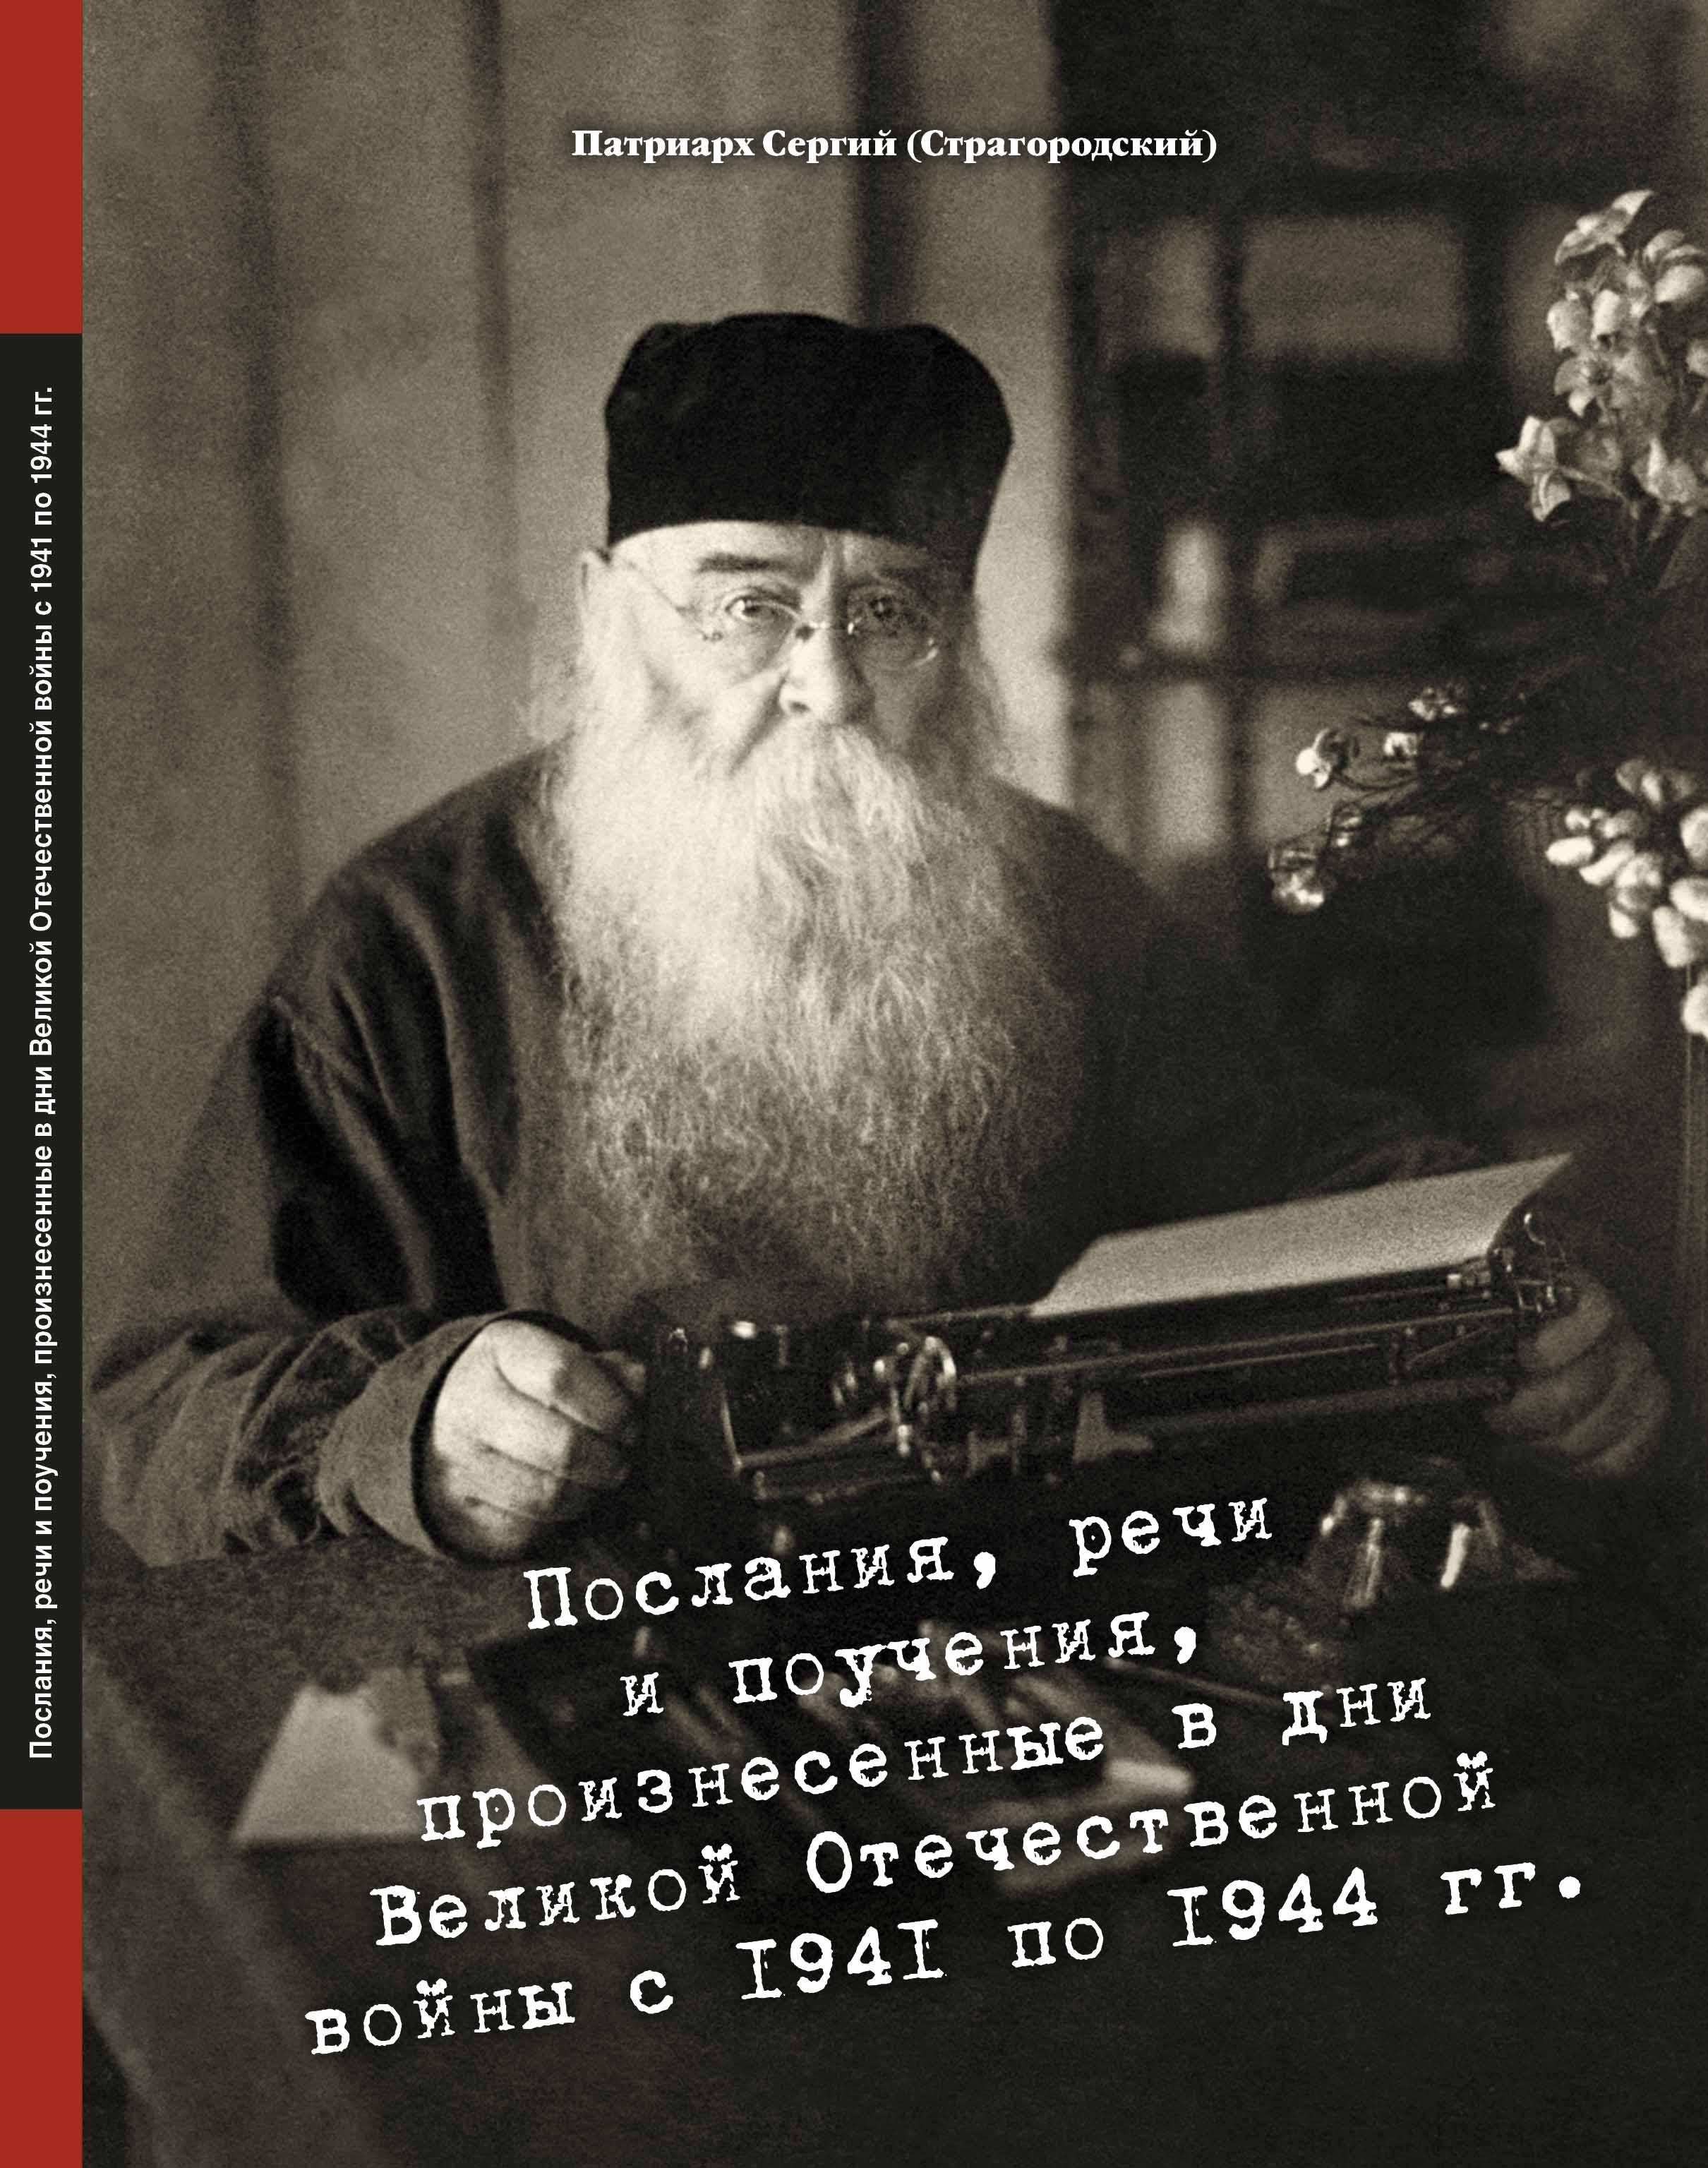 Издательский отдел Нижегородской епархии выпустил книгу, посвященную Патриарху Сергию (Страгородскому)